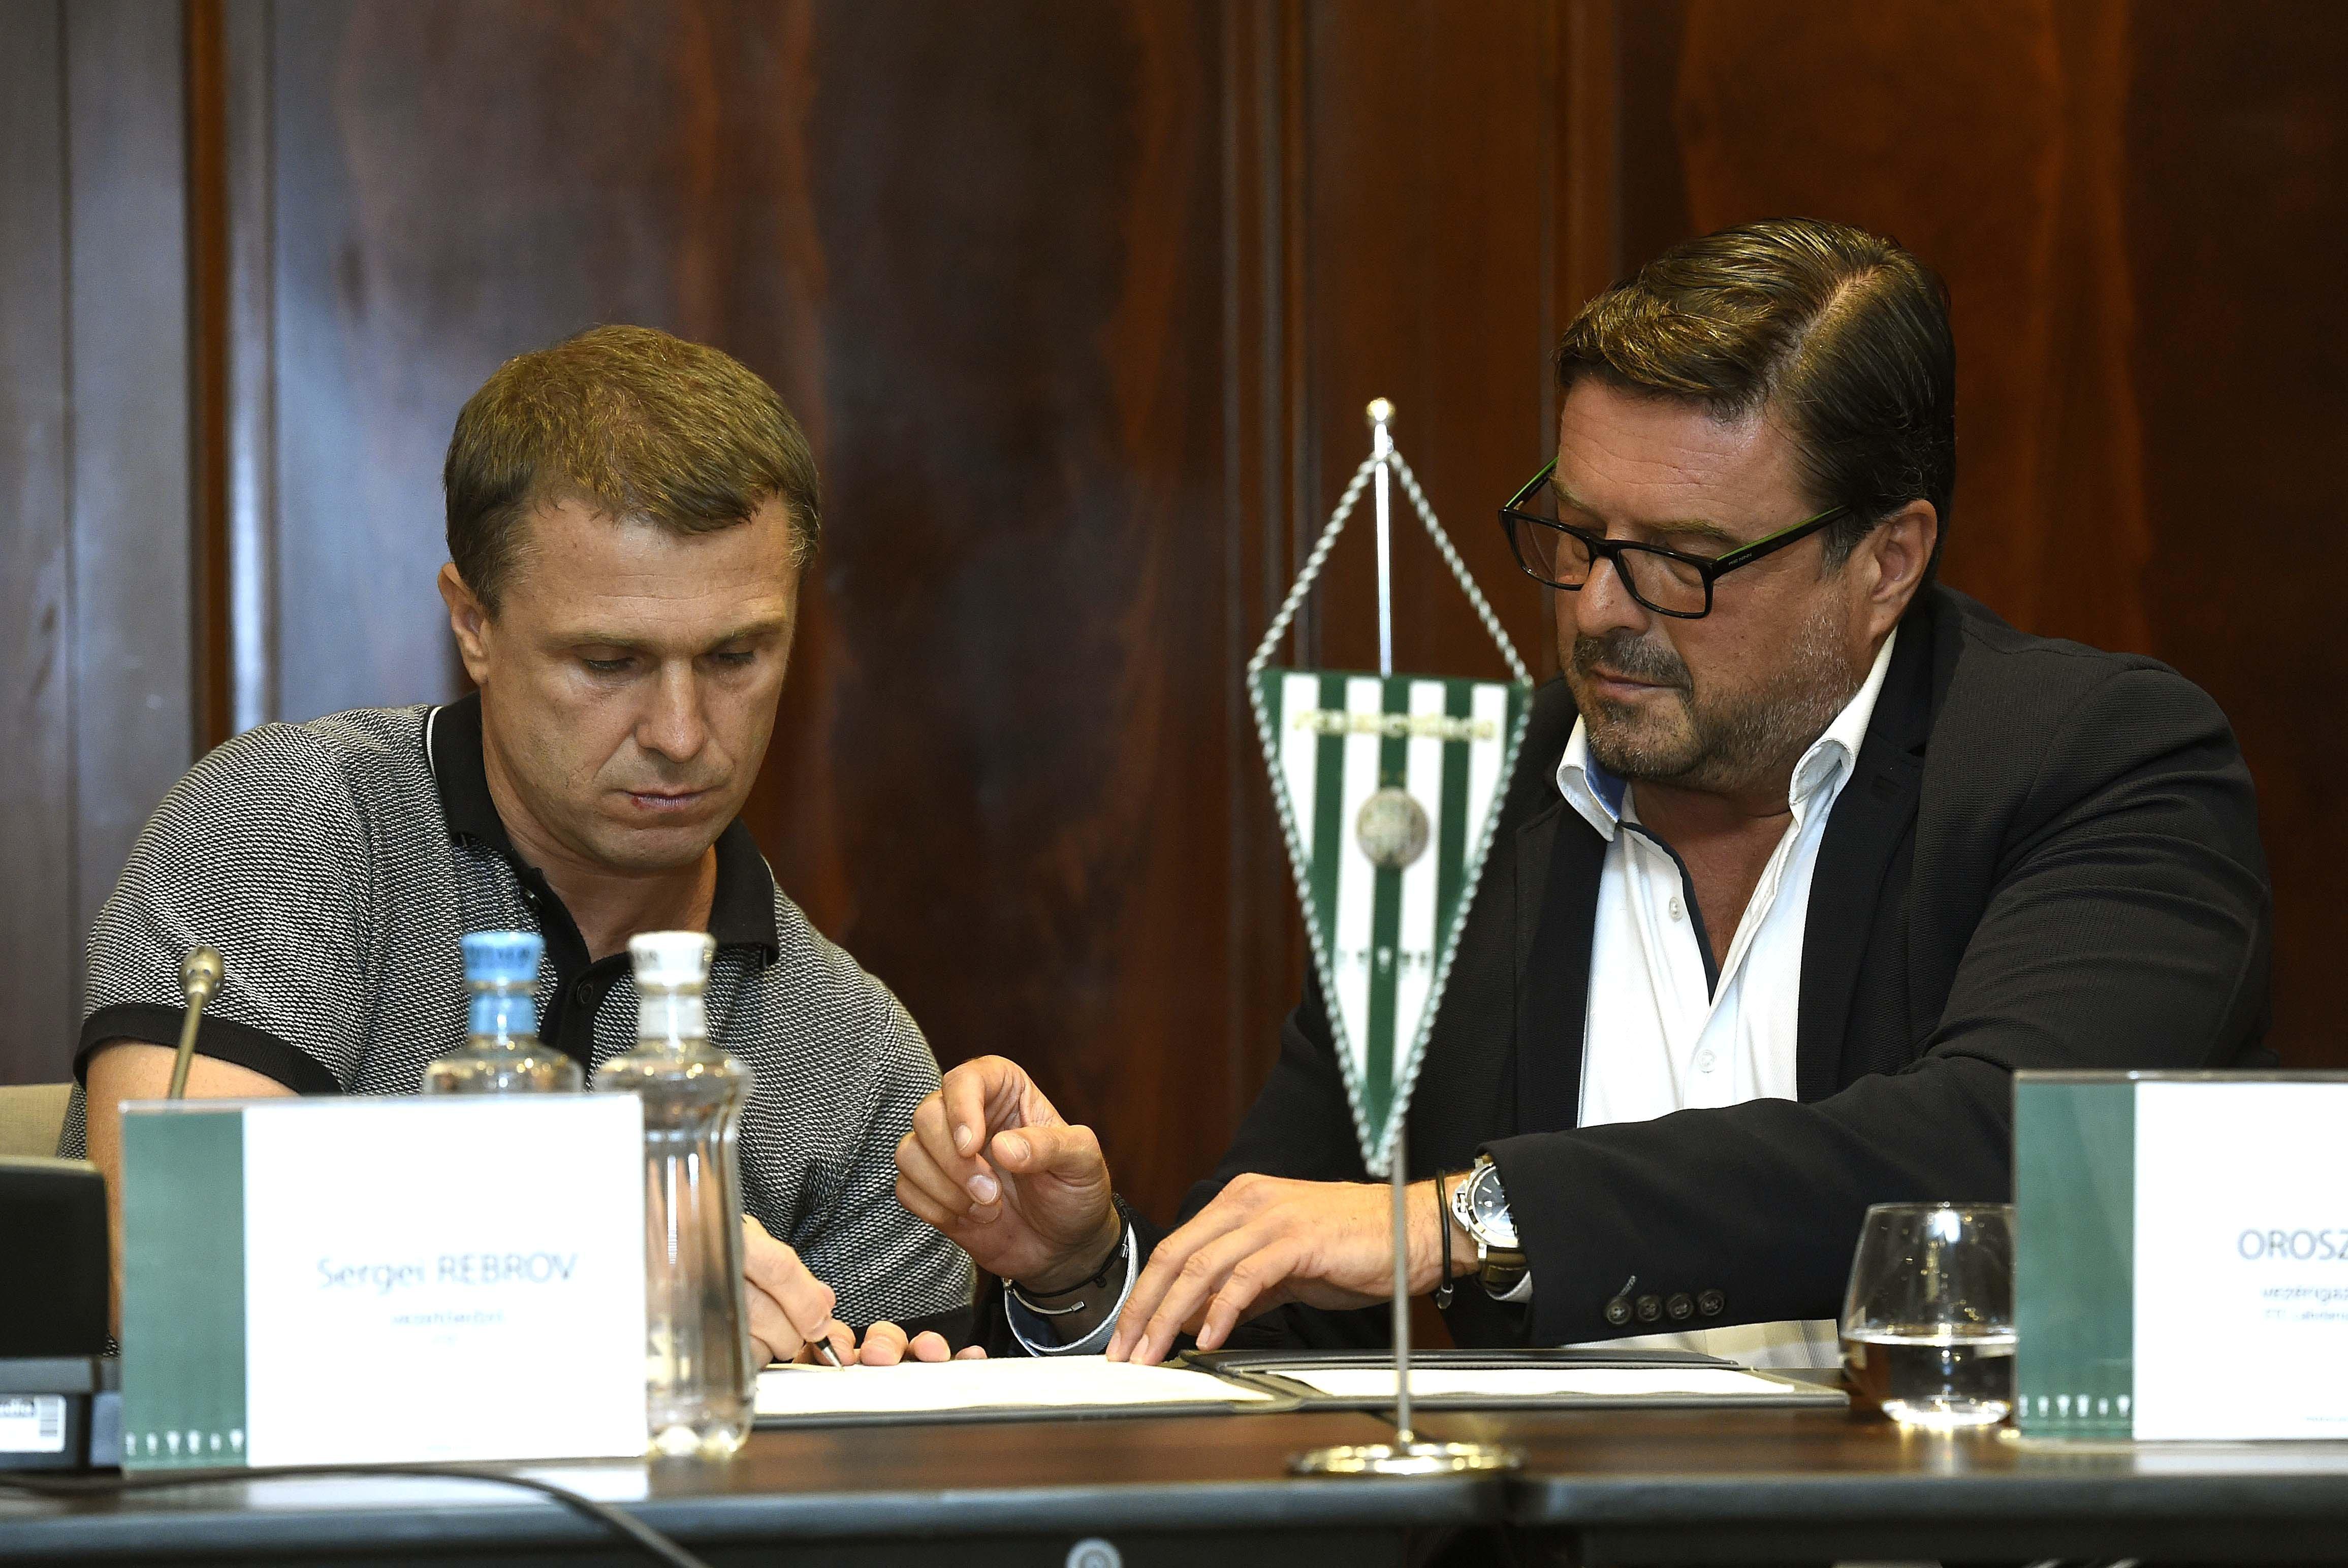 Brutális veszteséget termelt a Fradi labdarúgócsapata, a Videoton viszont nagyot kaszált az Európa-ligában